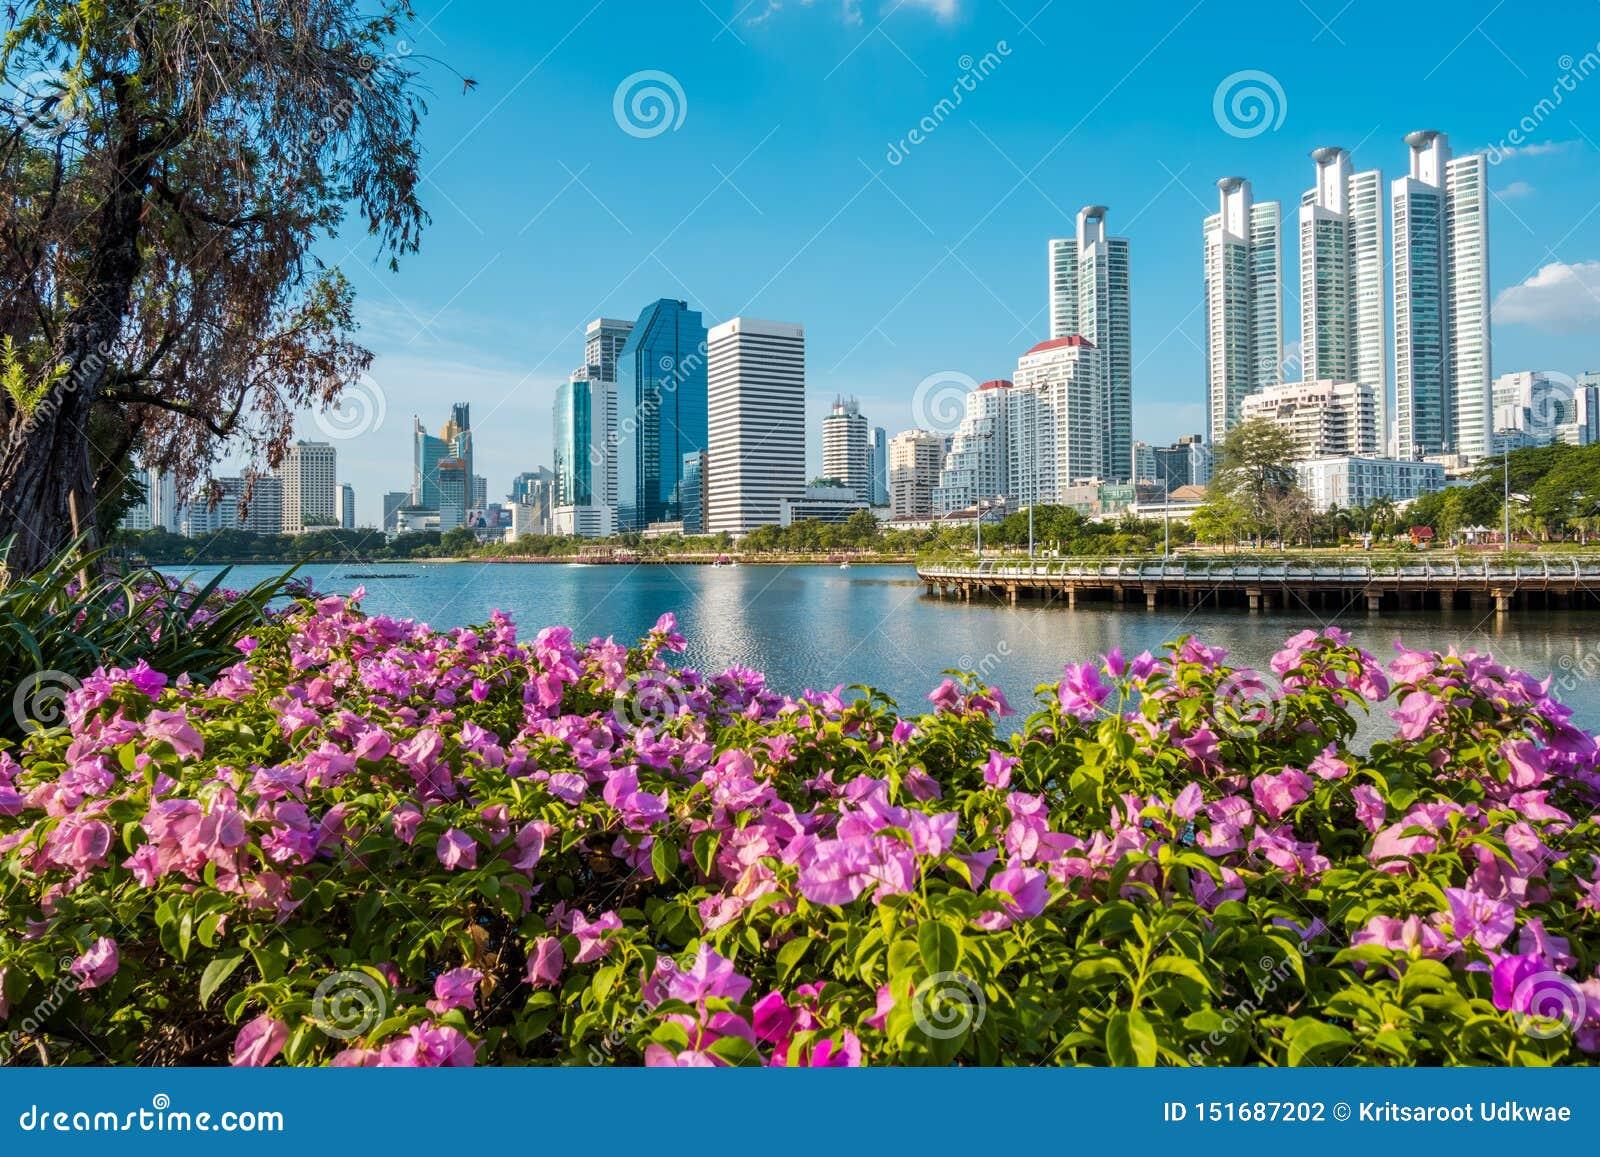 Paysage urbain, paysage ou bâtiments ayant beaucoup d étages vus du parc de Benjakiti à Bangkok, Thaïlande